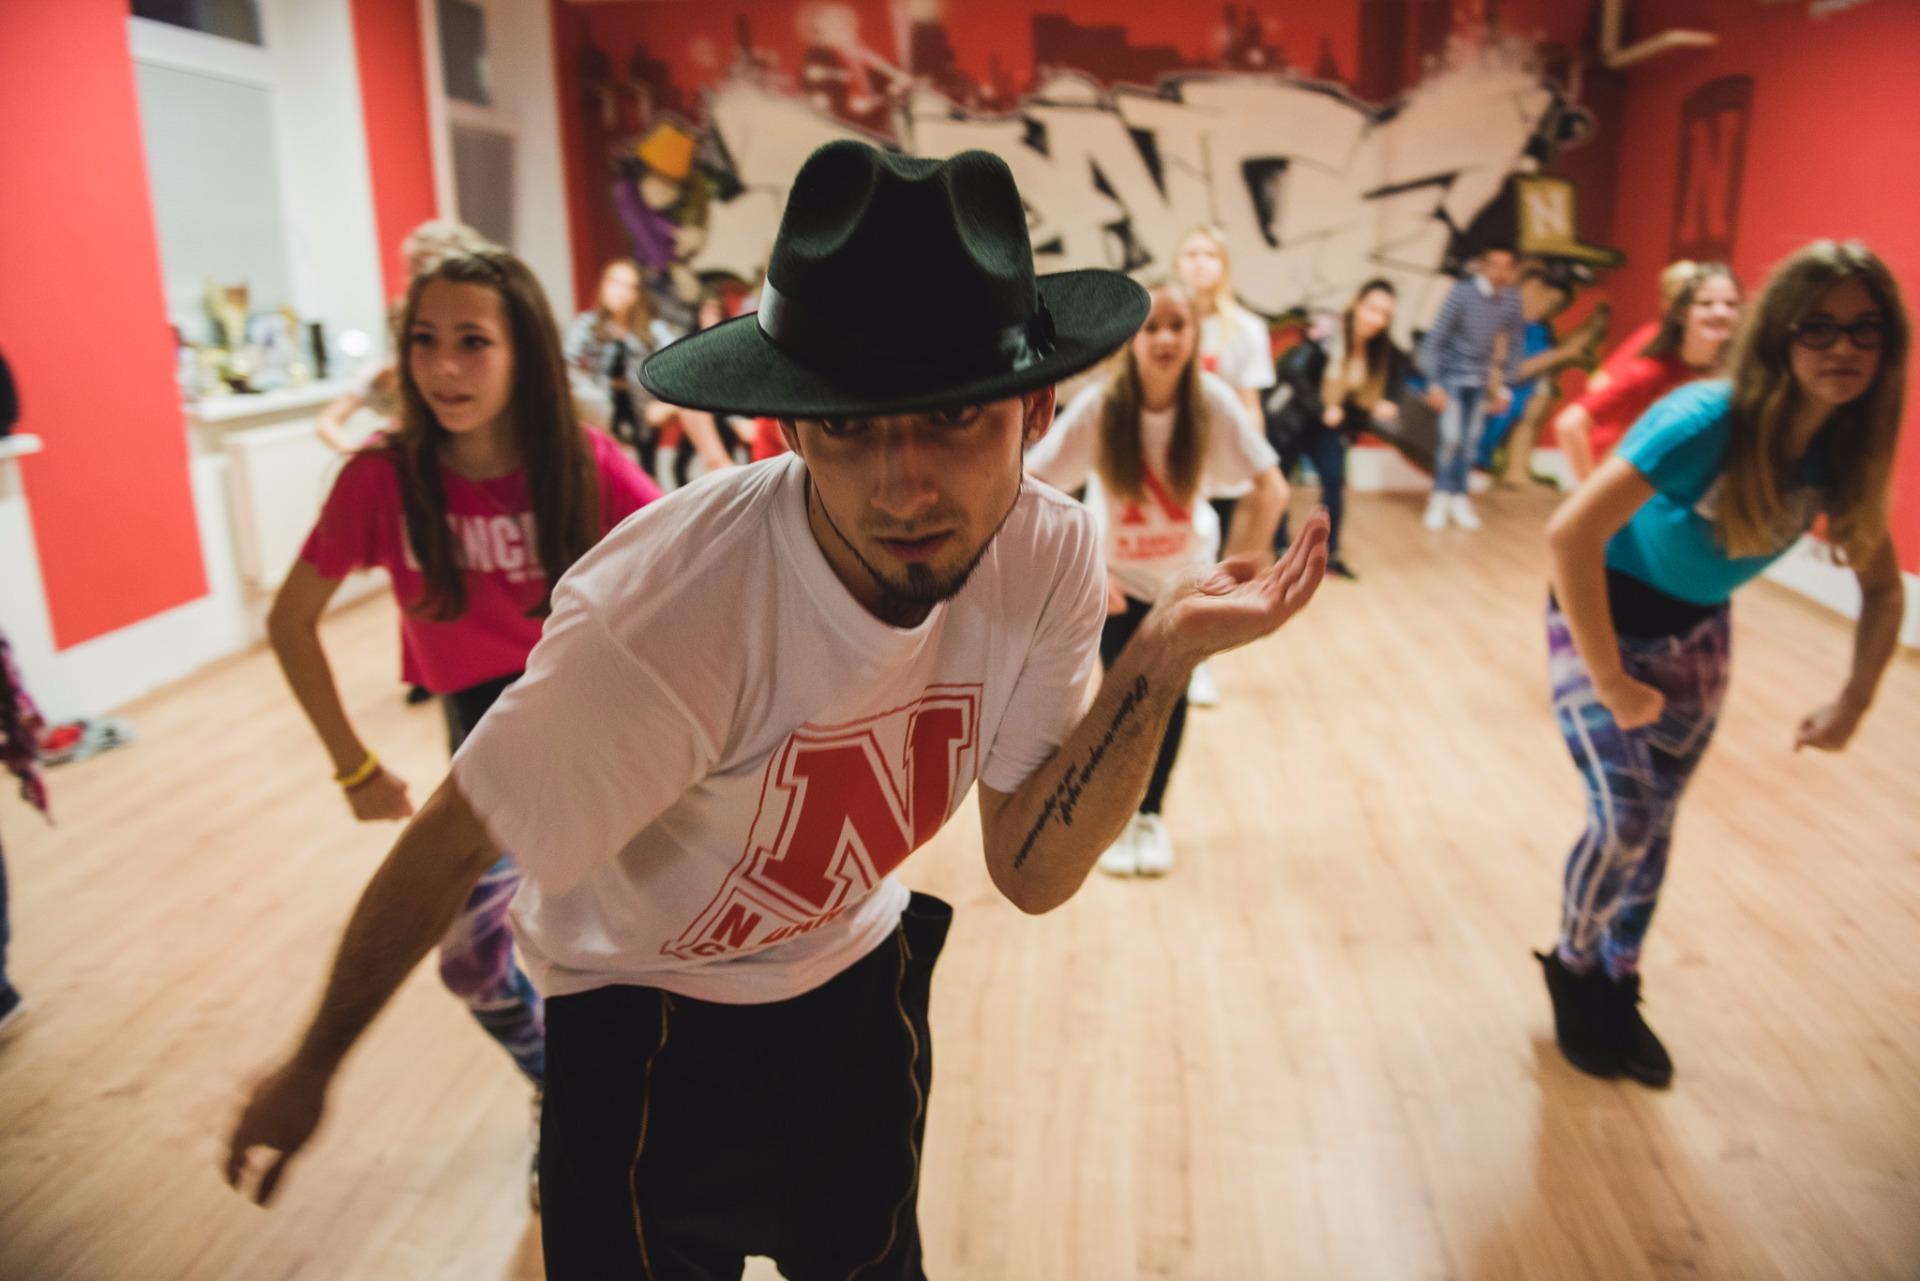 30e64a6ce N DANCE KEMP kemp na ktorom sa tanec nikdy - Kam v meste | moja Nitra